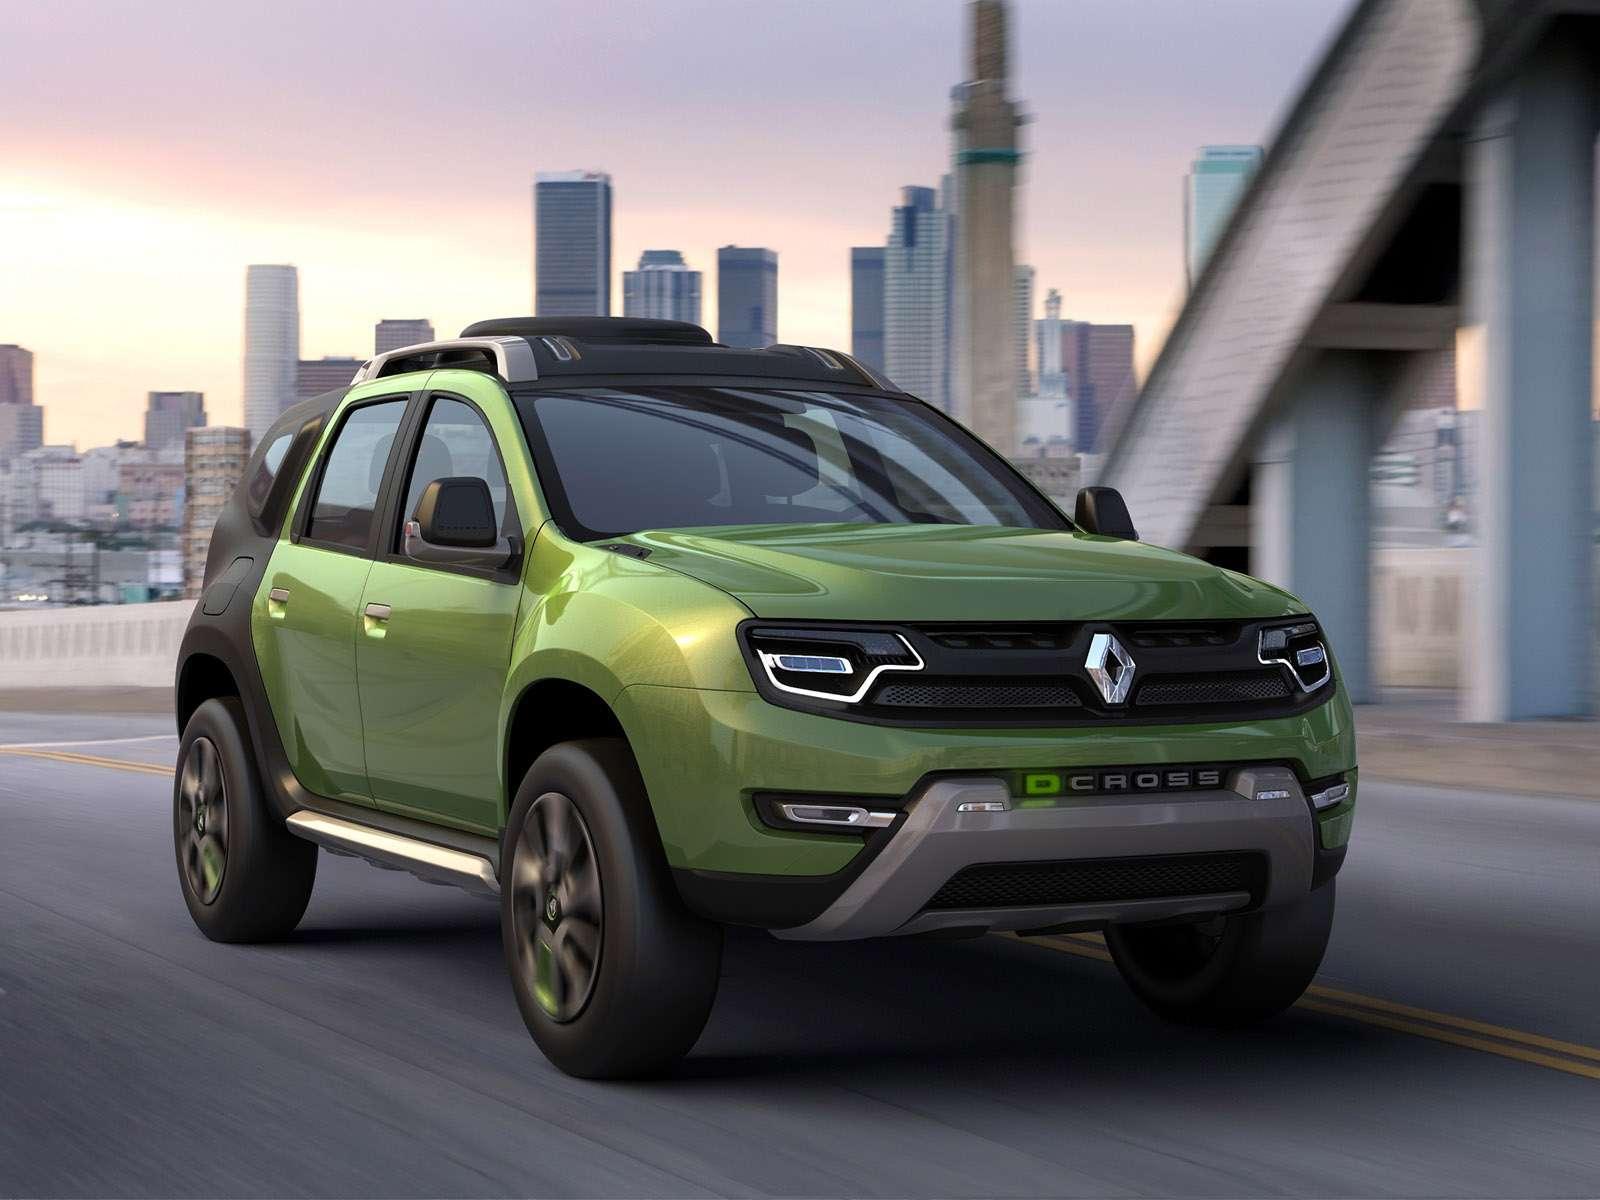 Новый Renault Duster 2020 — появилась первая информация